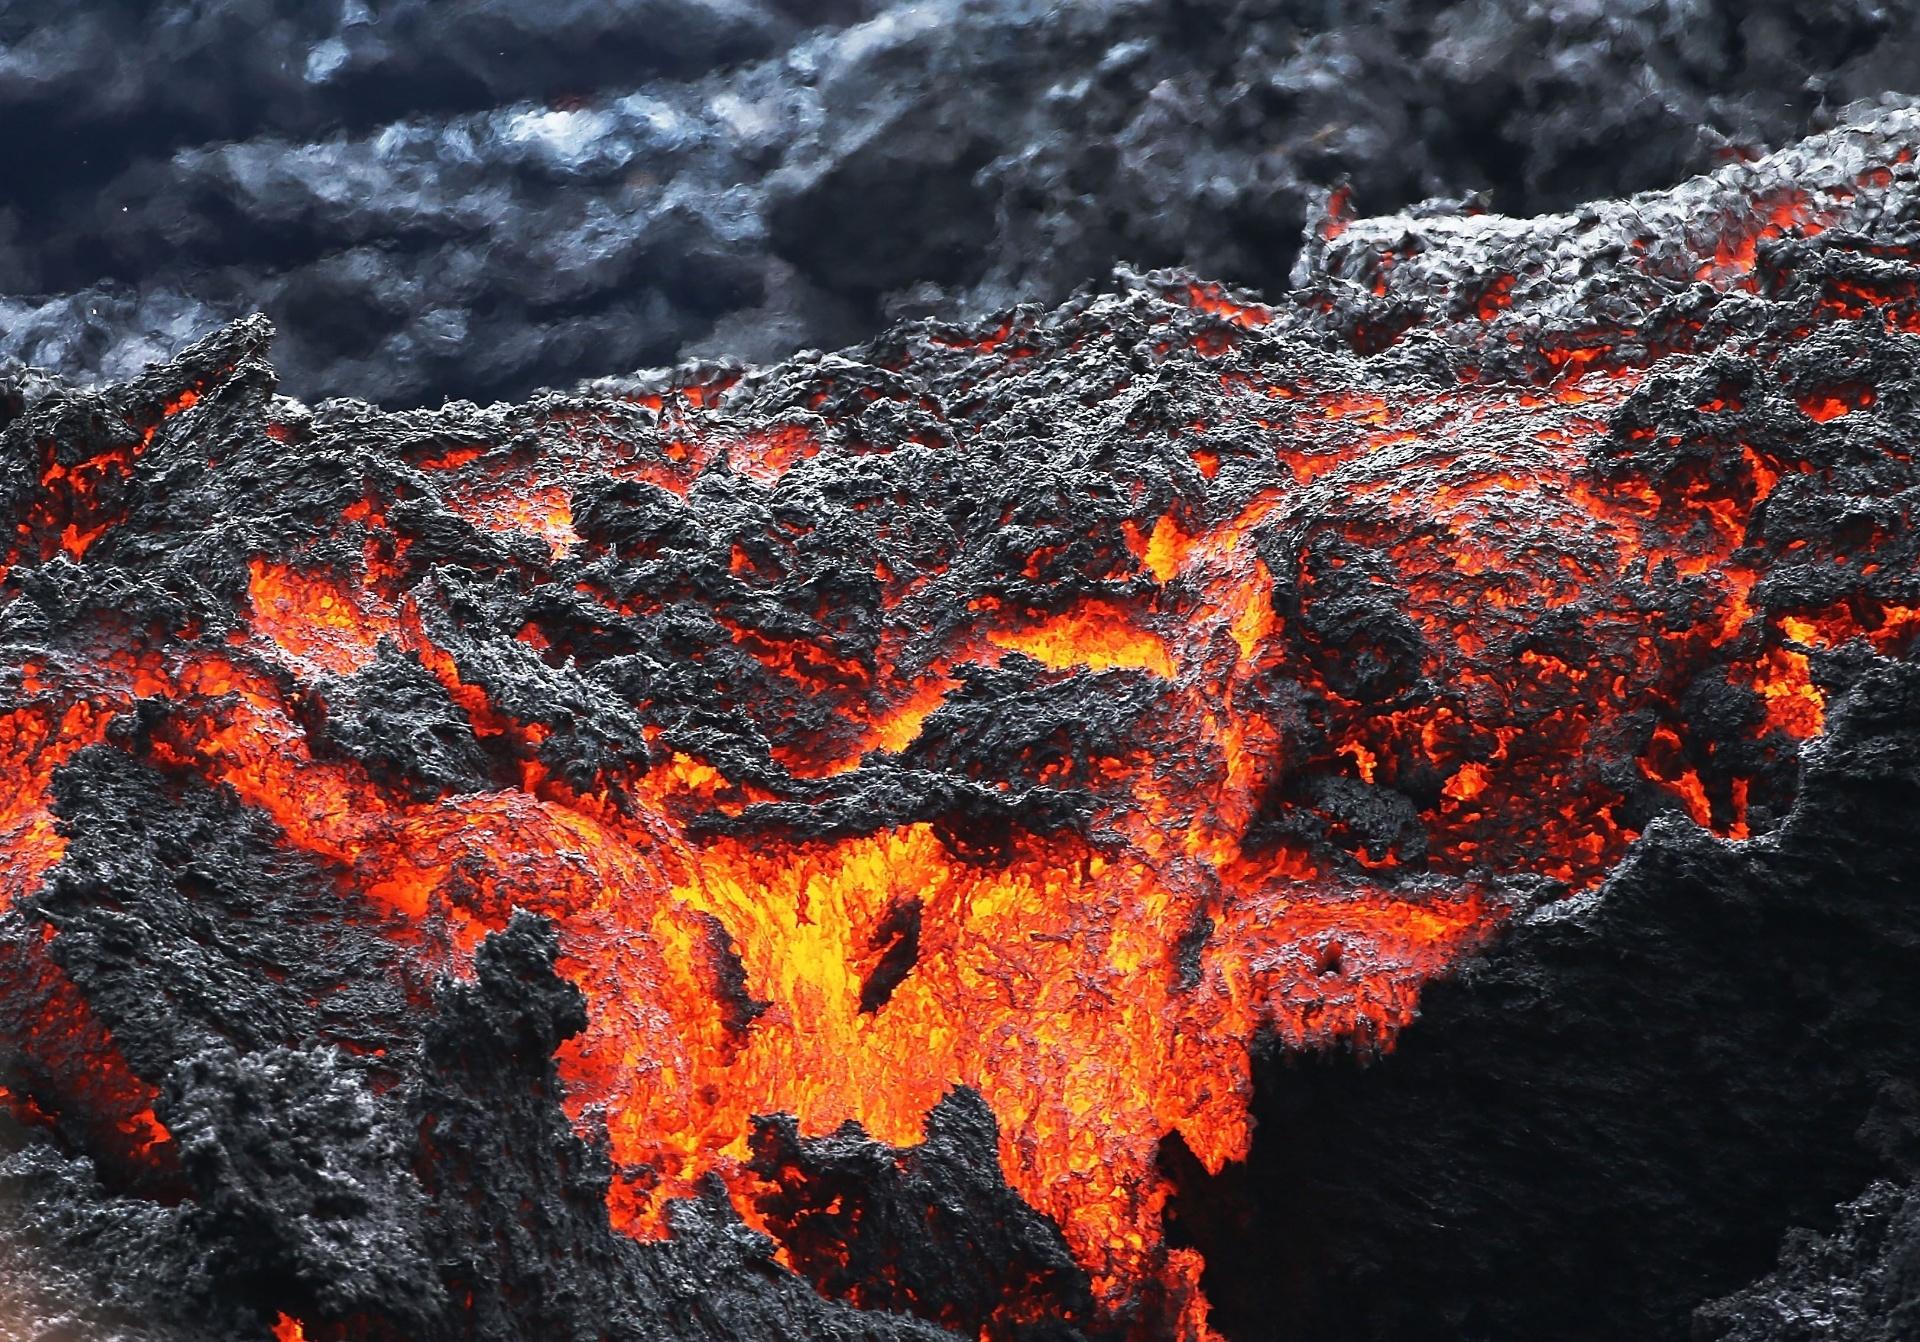 12.mai.18 - Lava sai de uma fissura após erupções no vulcão Kilauea, no Havaí (EUA)